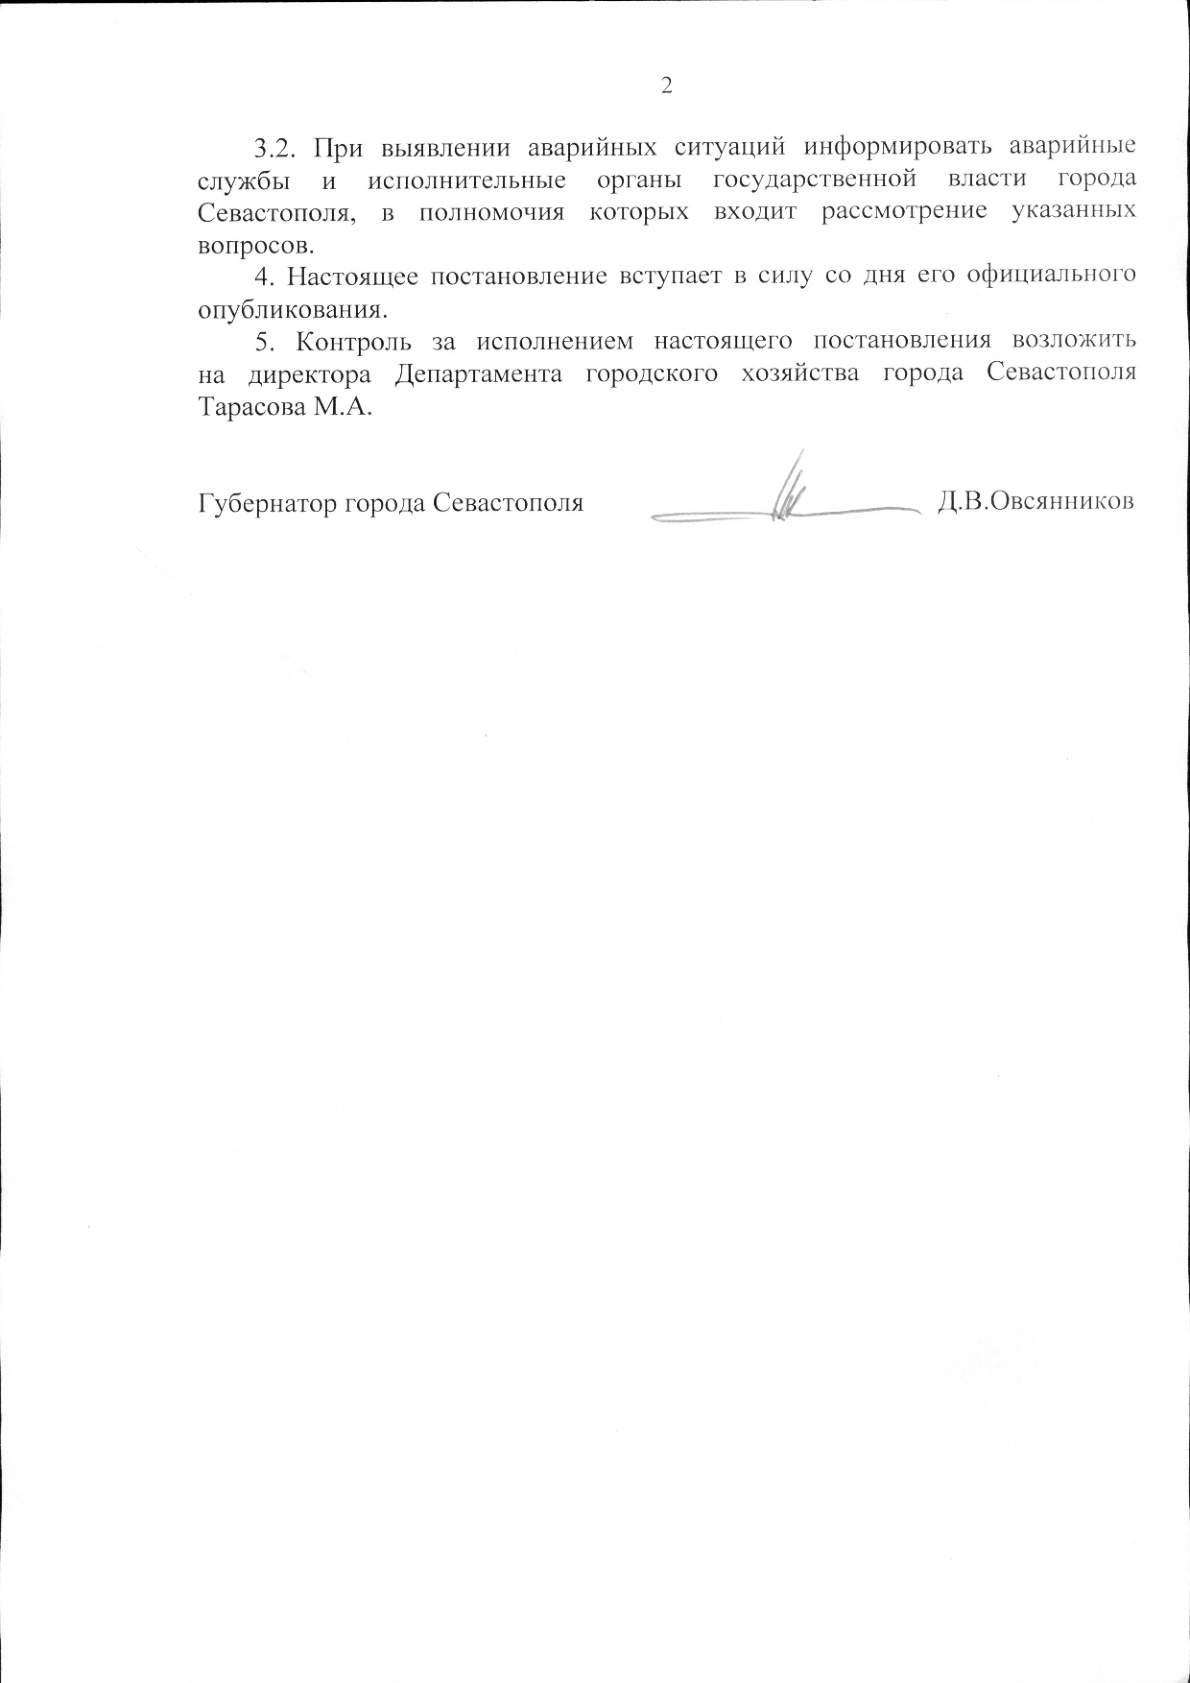 С 16 октября в Севастополе начался отопительный сезон